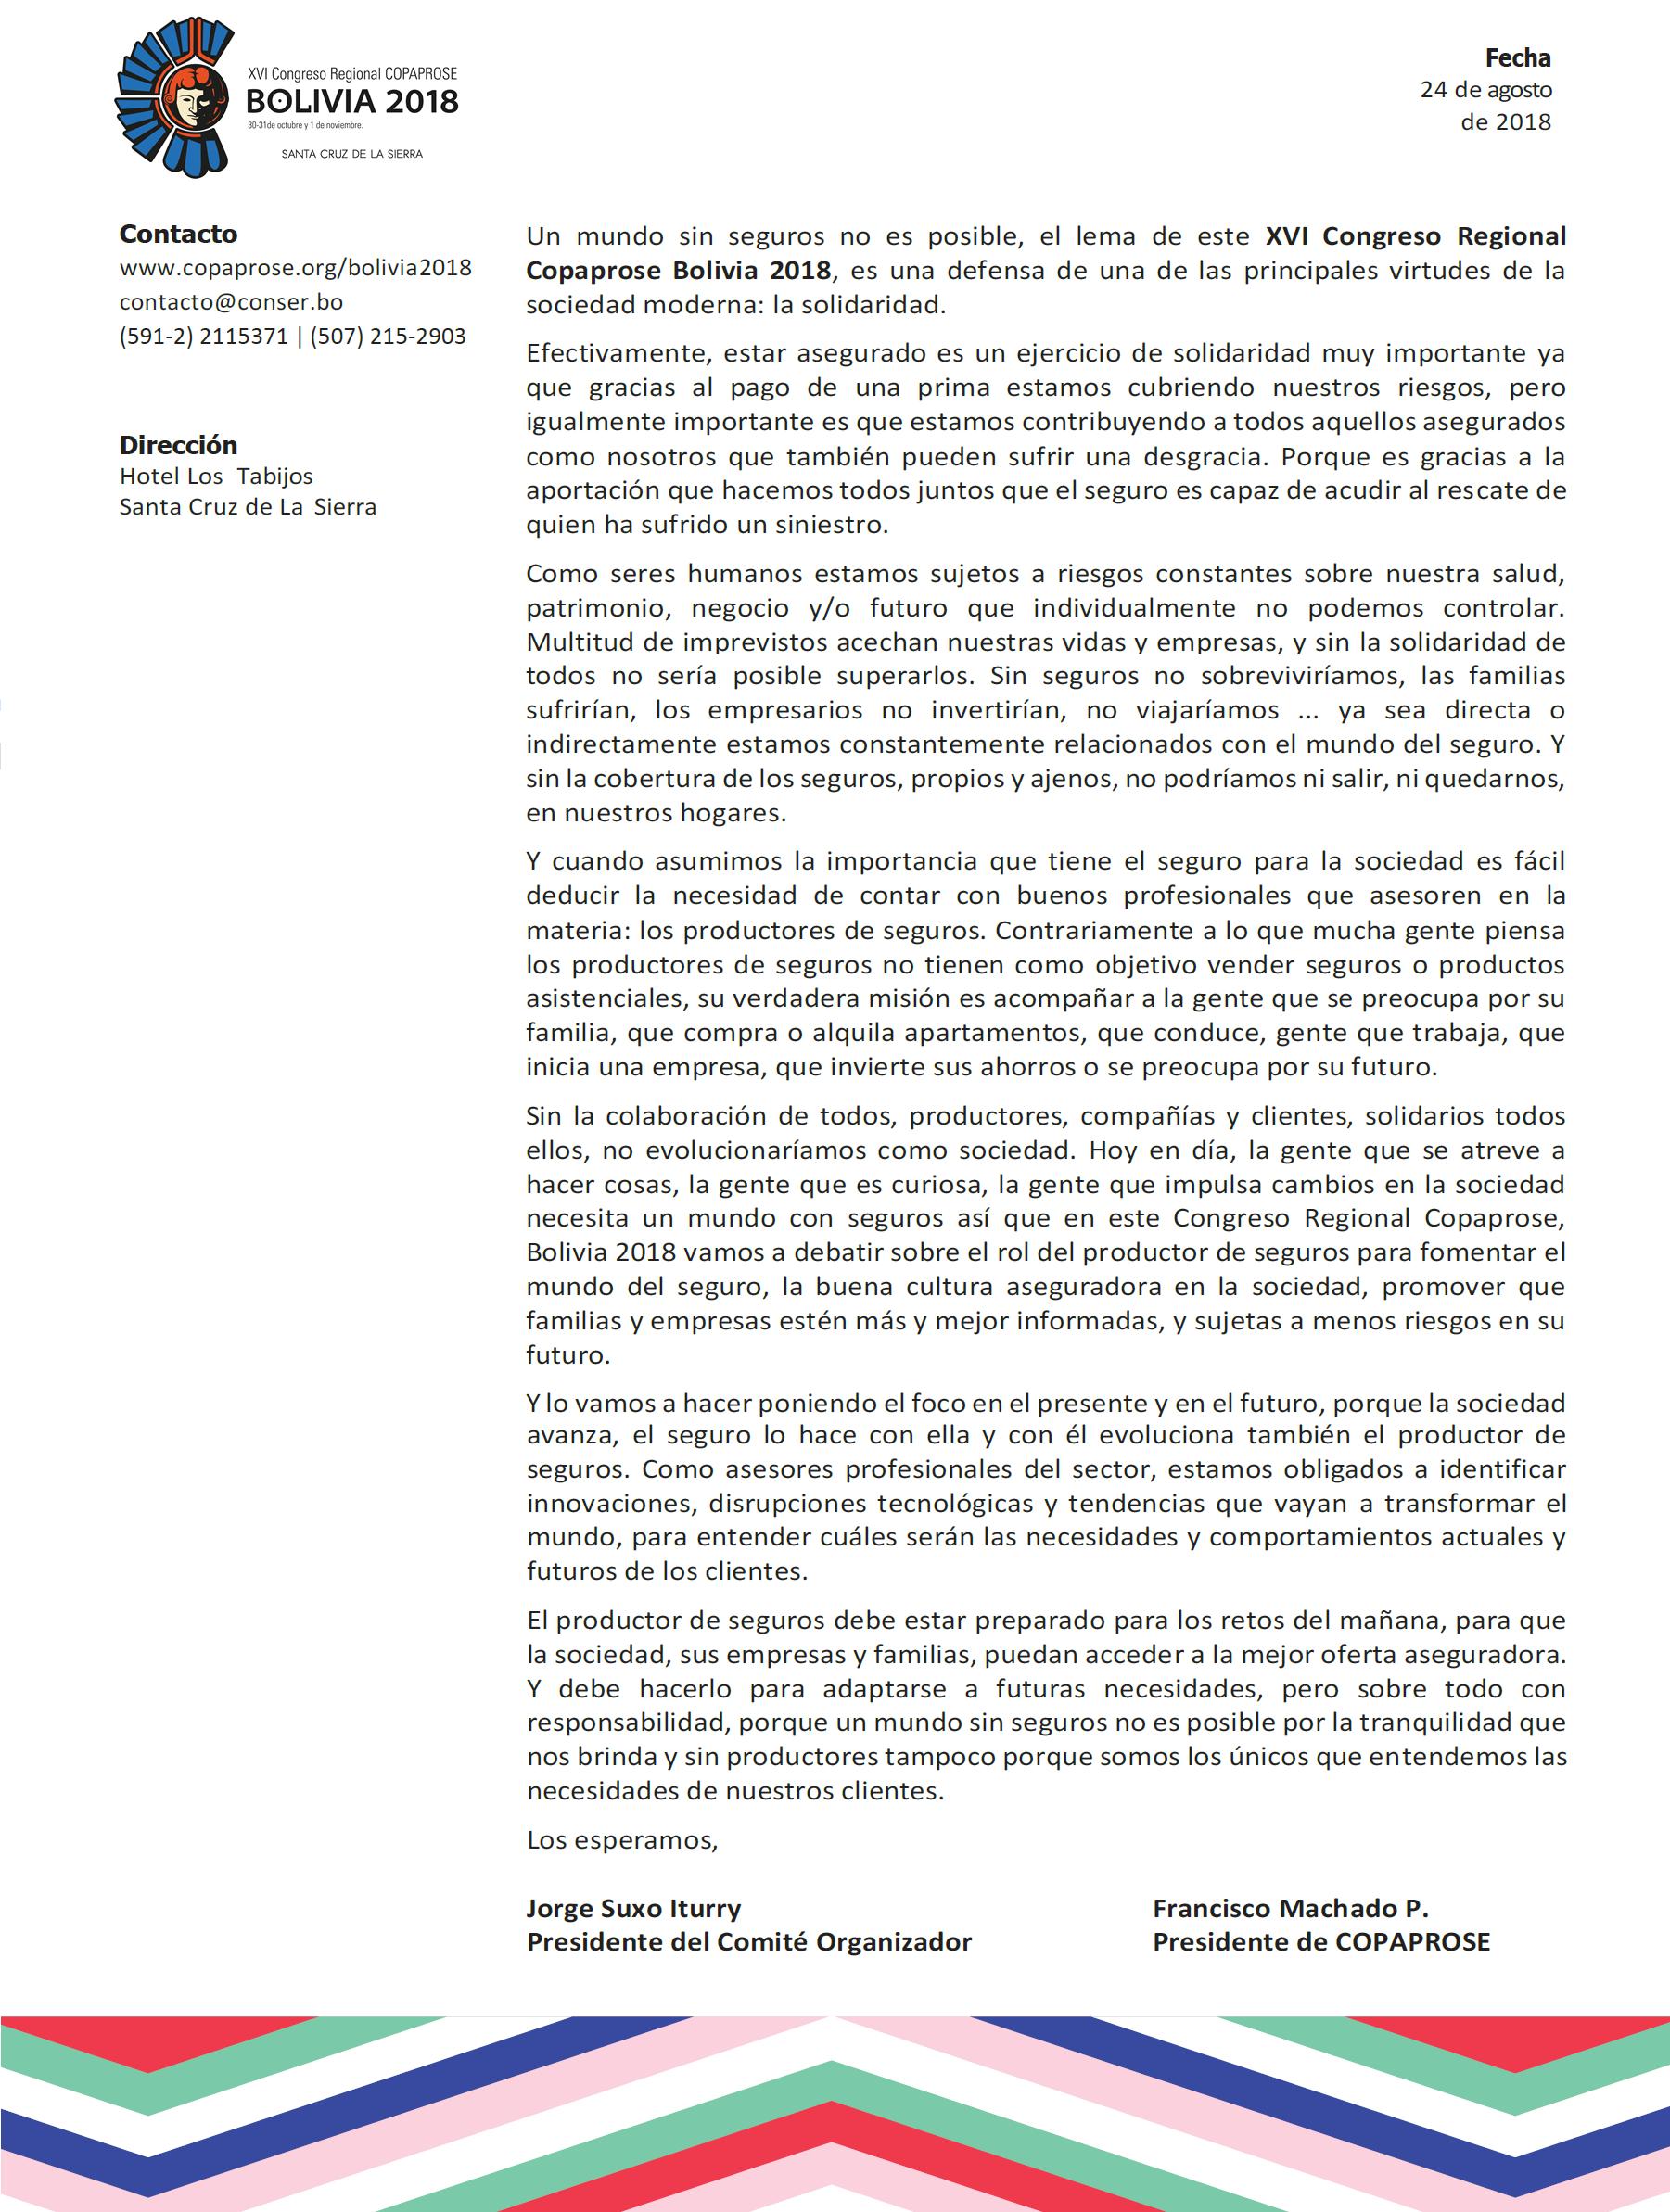 Carta de Presentación del Congreso COPAPROSE Bolivia 2018